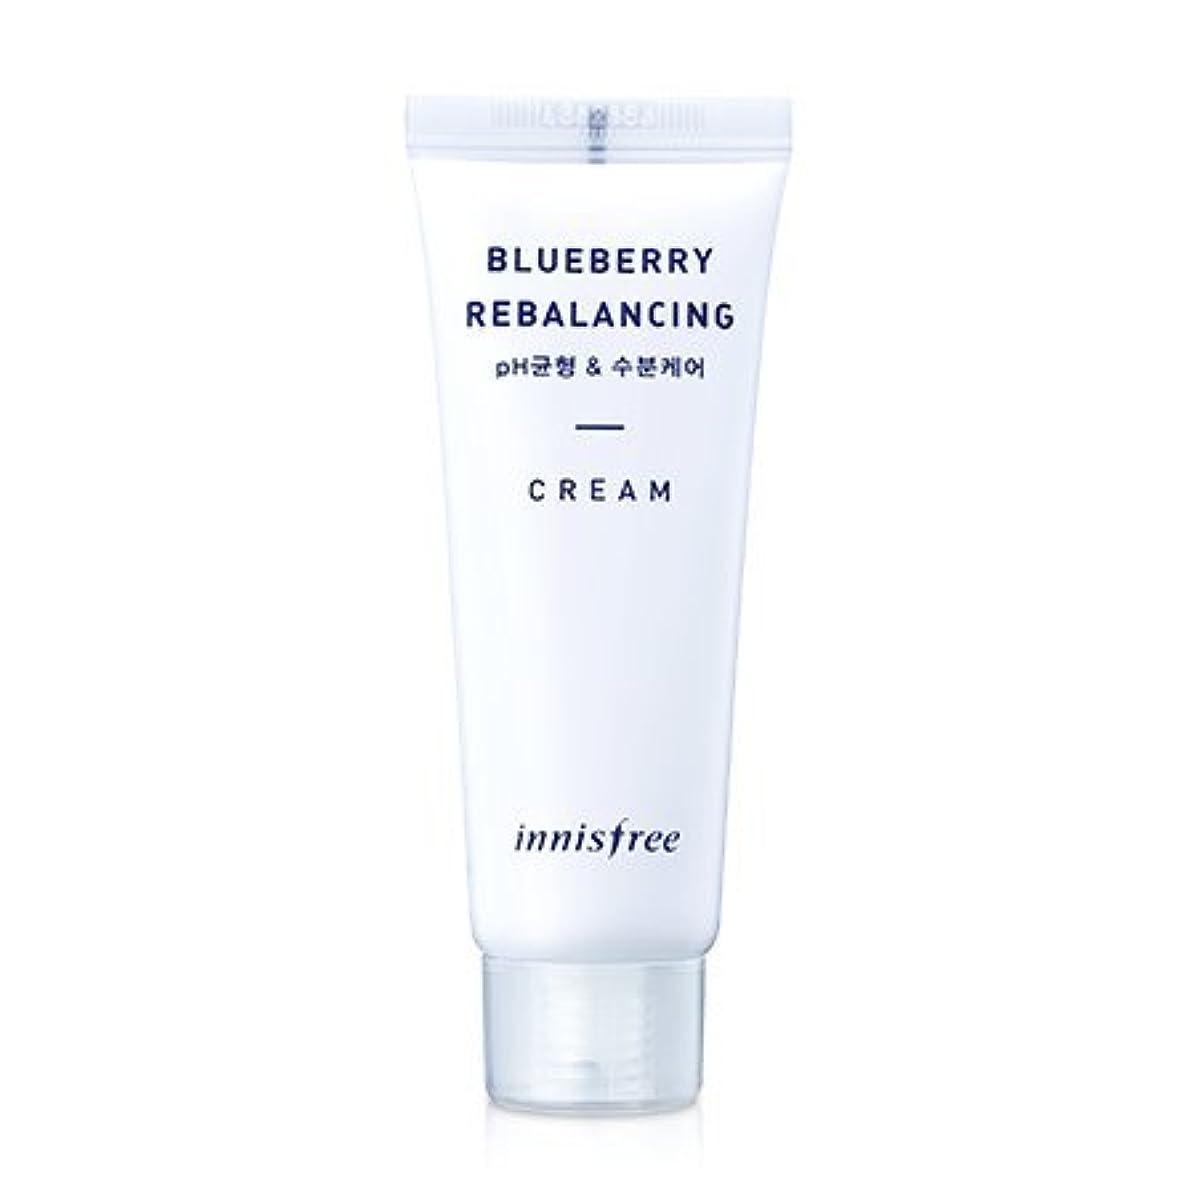 肖像画謎差[innisfree(イニスフリー)] Super food_ Blueberry rebalancing cream (50ml) スーパーフード_ブルーベリーリベルロンシンクリーム[並行輸入品][海外直送品]